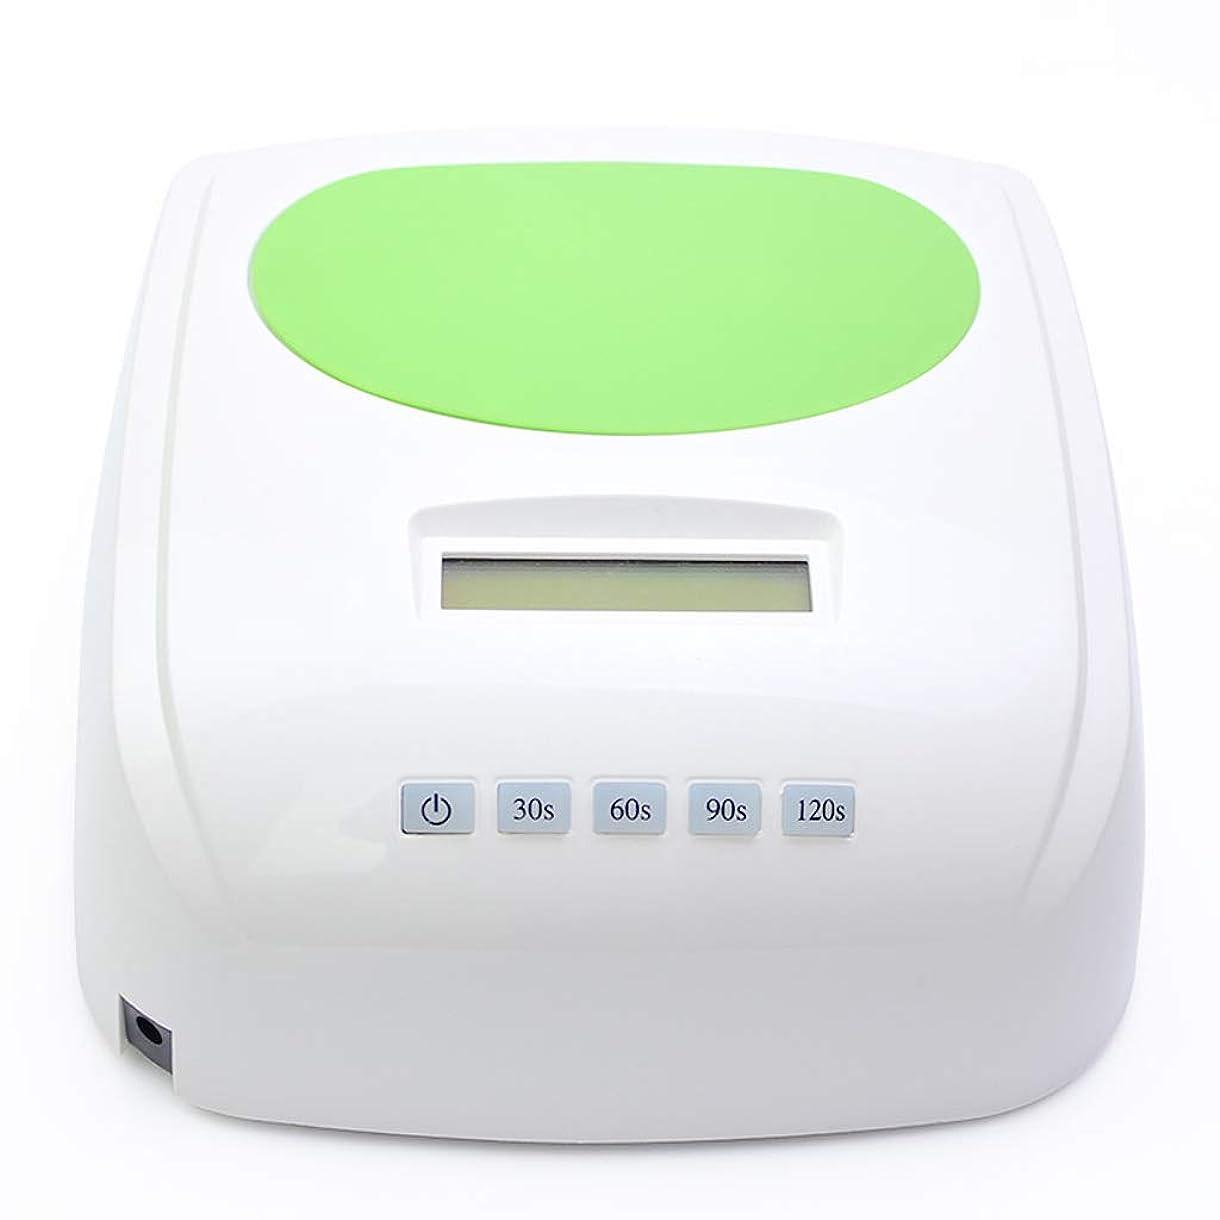 そばに隣接小説4スピードボタンセンサー光線治療機、LED爪研磨ランプ48wマニキュアペディキュアマシン